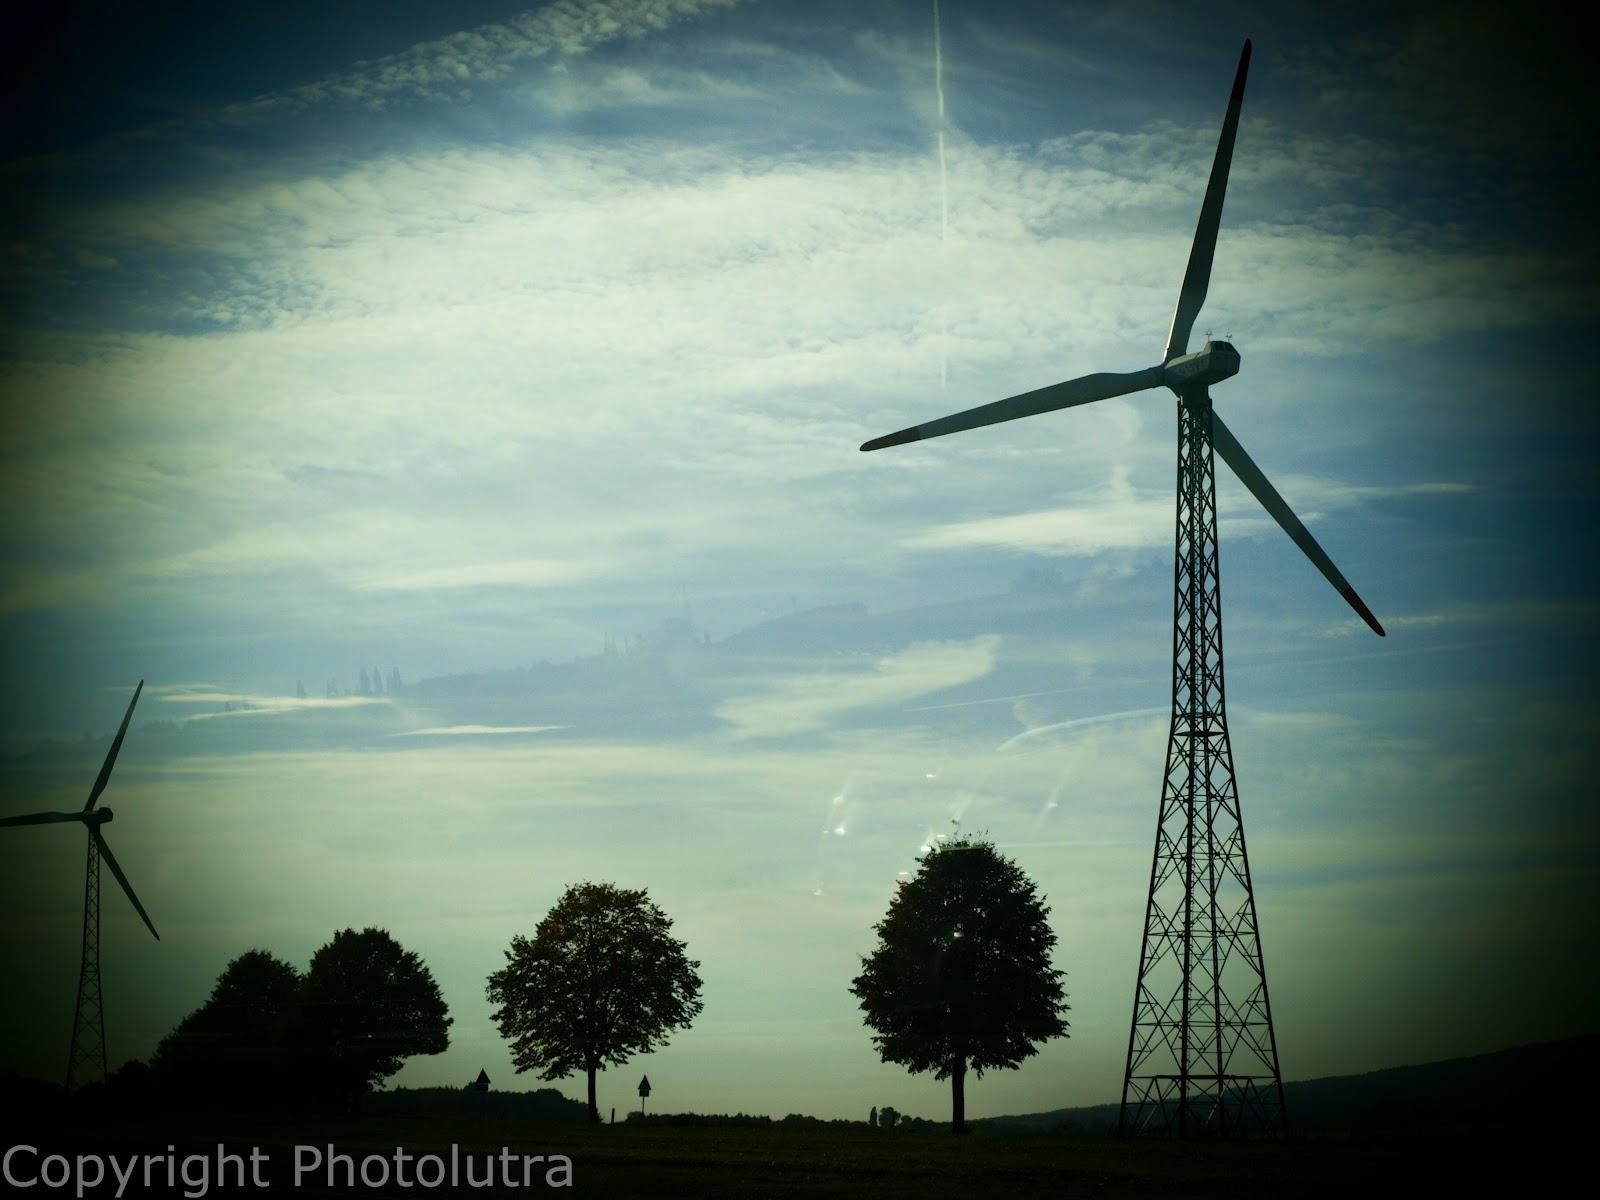 duitse energie windturbine kopen